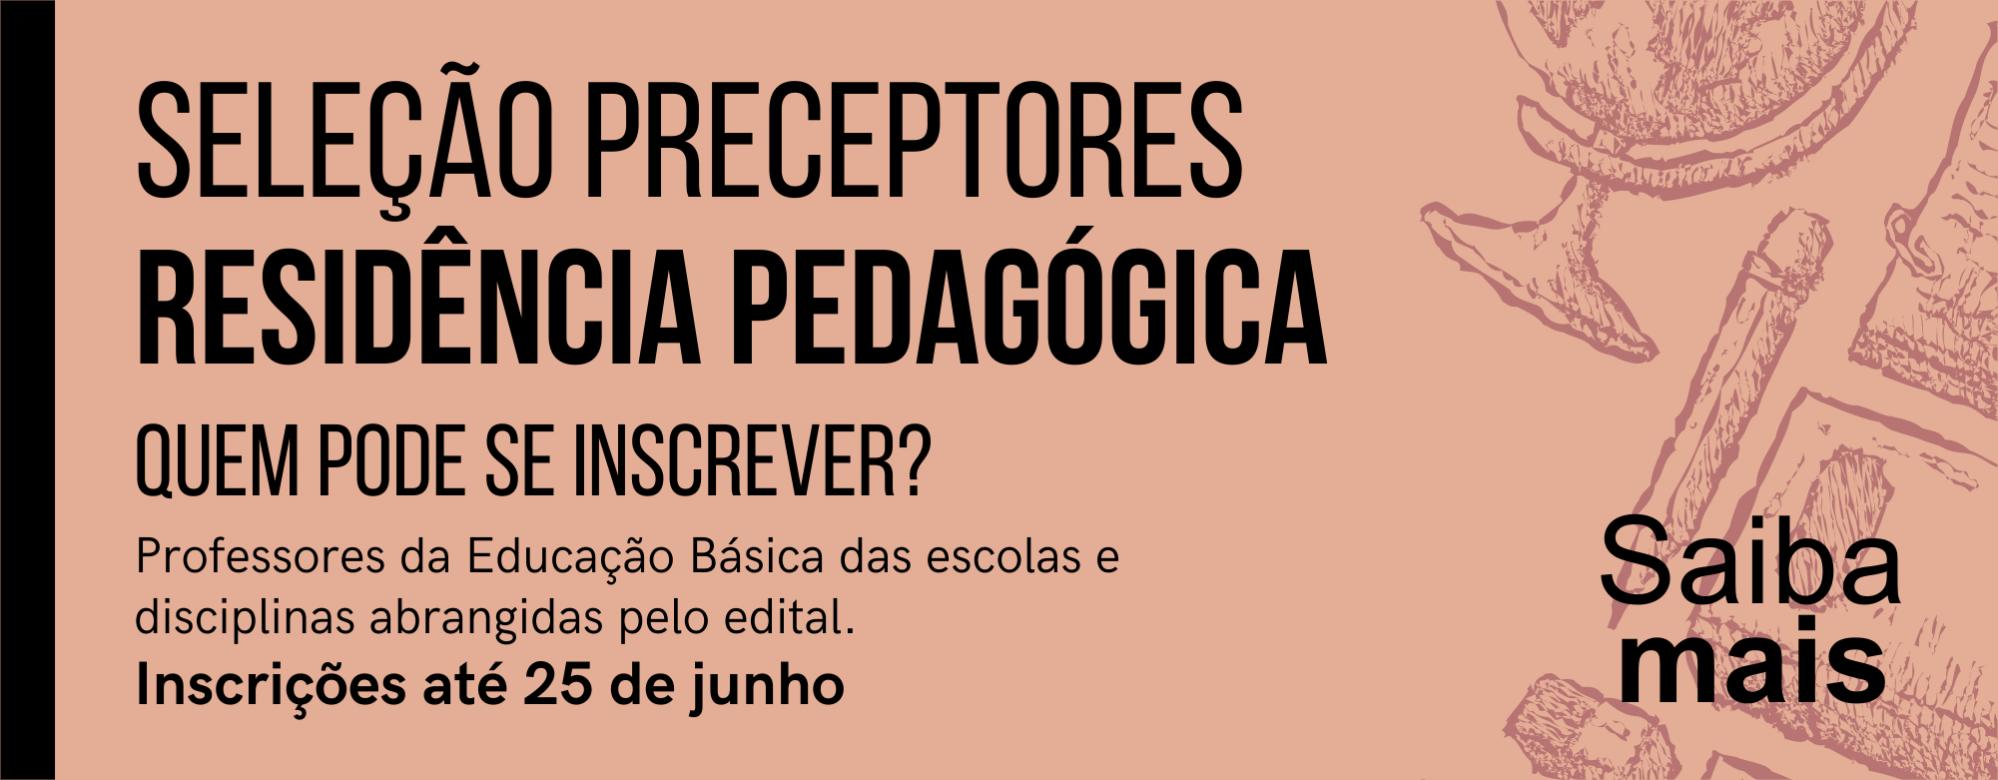 Anúncio da seleção de professores preceptores da Residência Pedagógica.